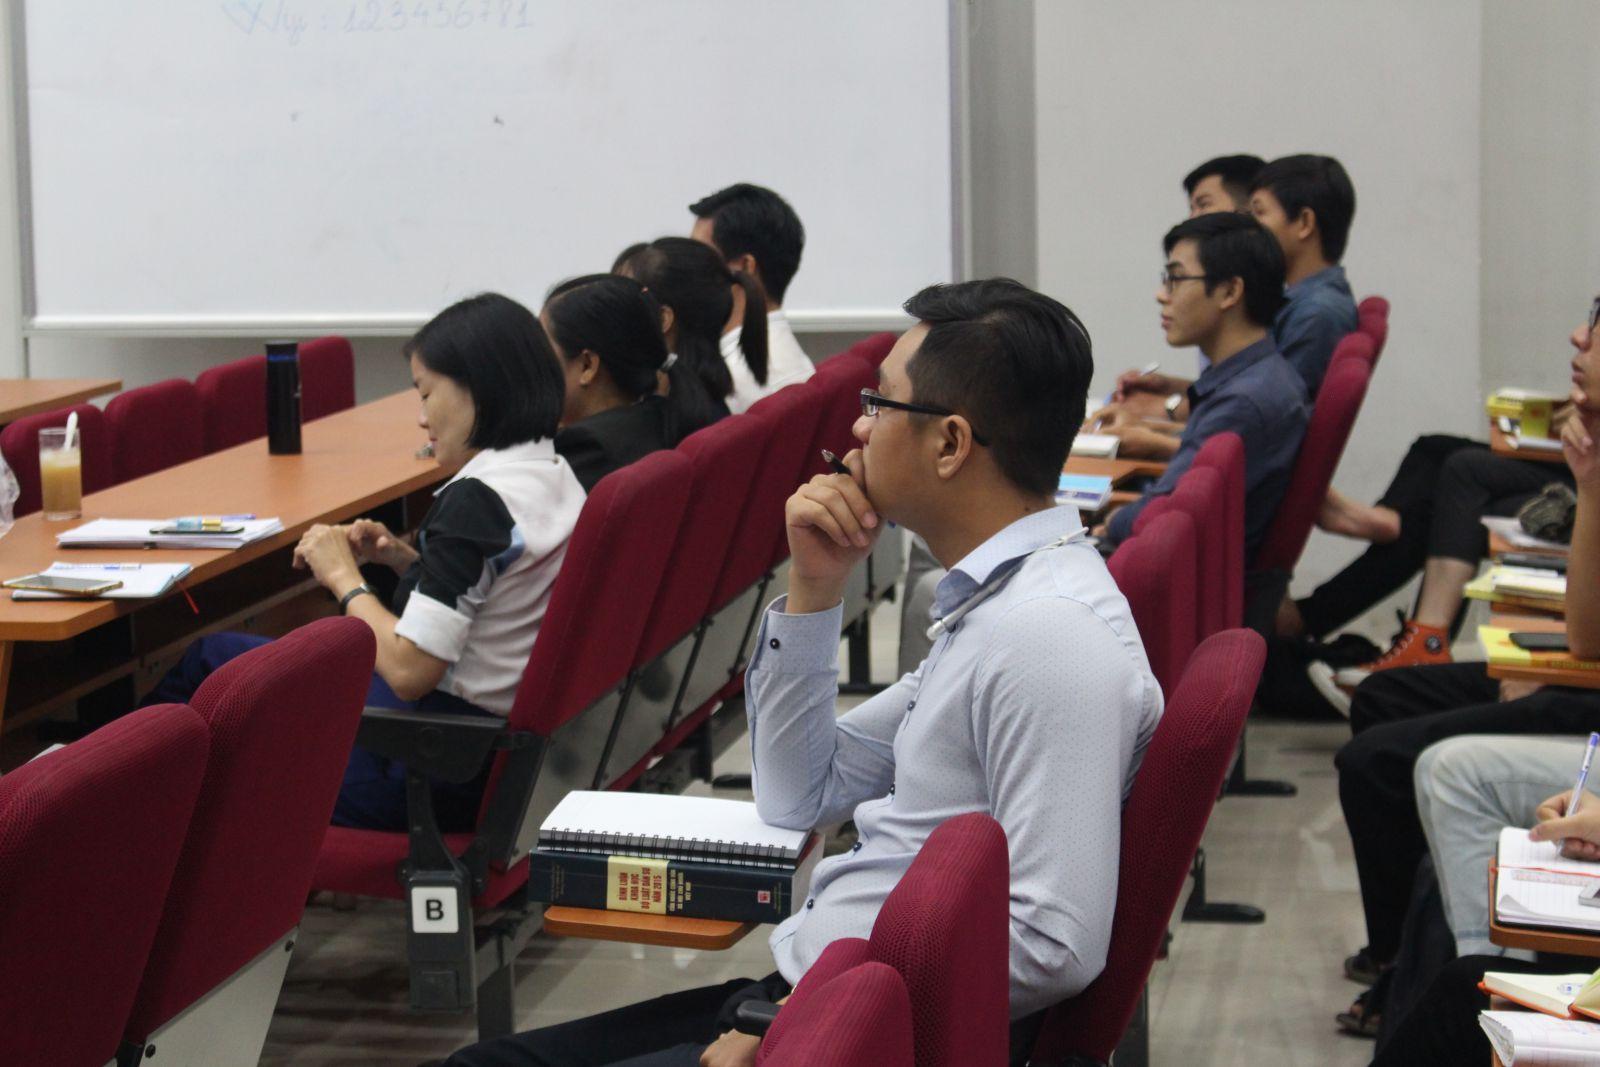 Anh Nguyễn Chí Thân - Cựu sinh viên Khóa 2012